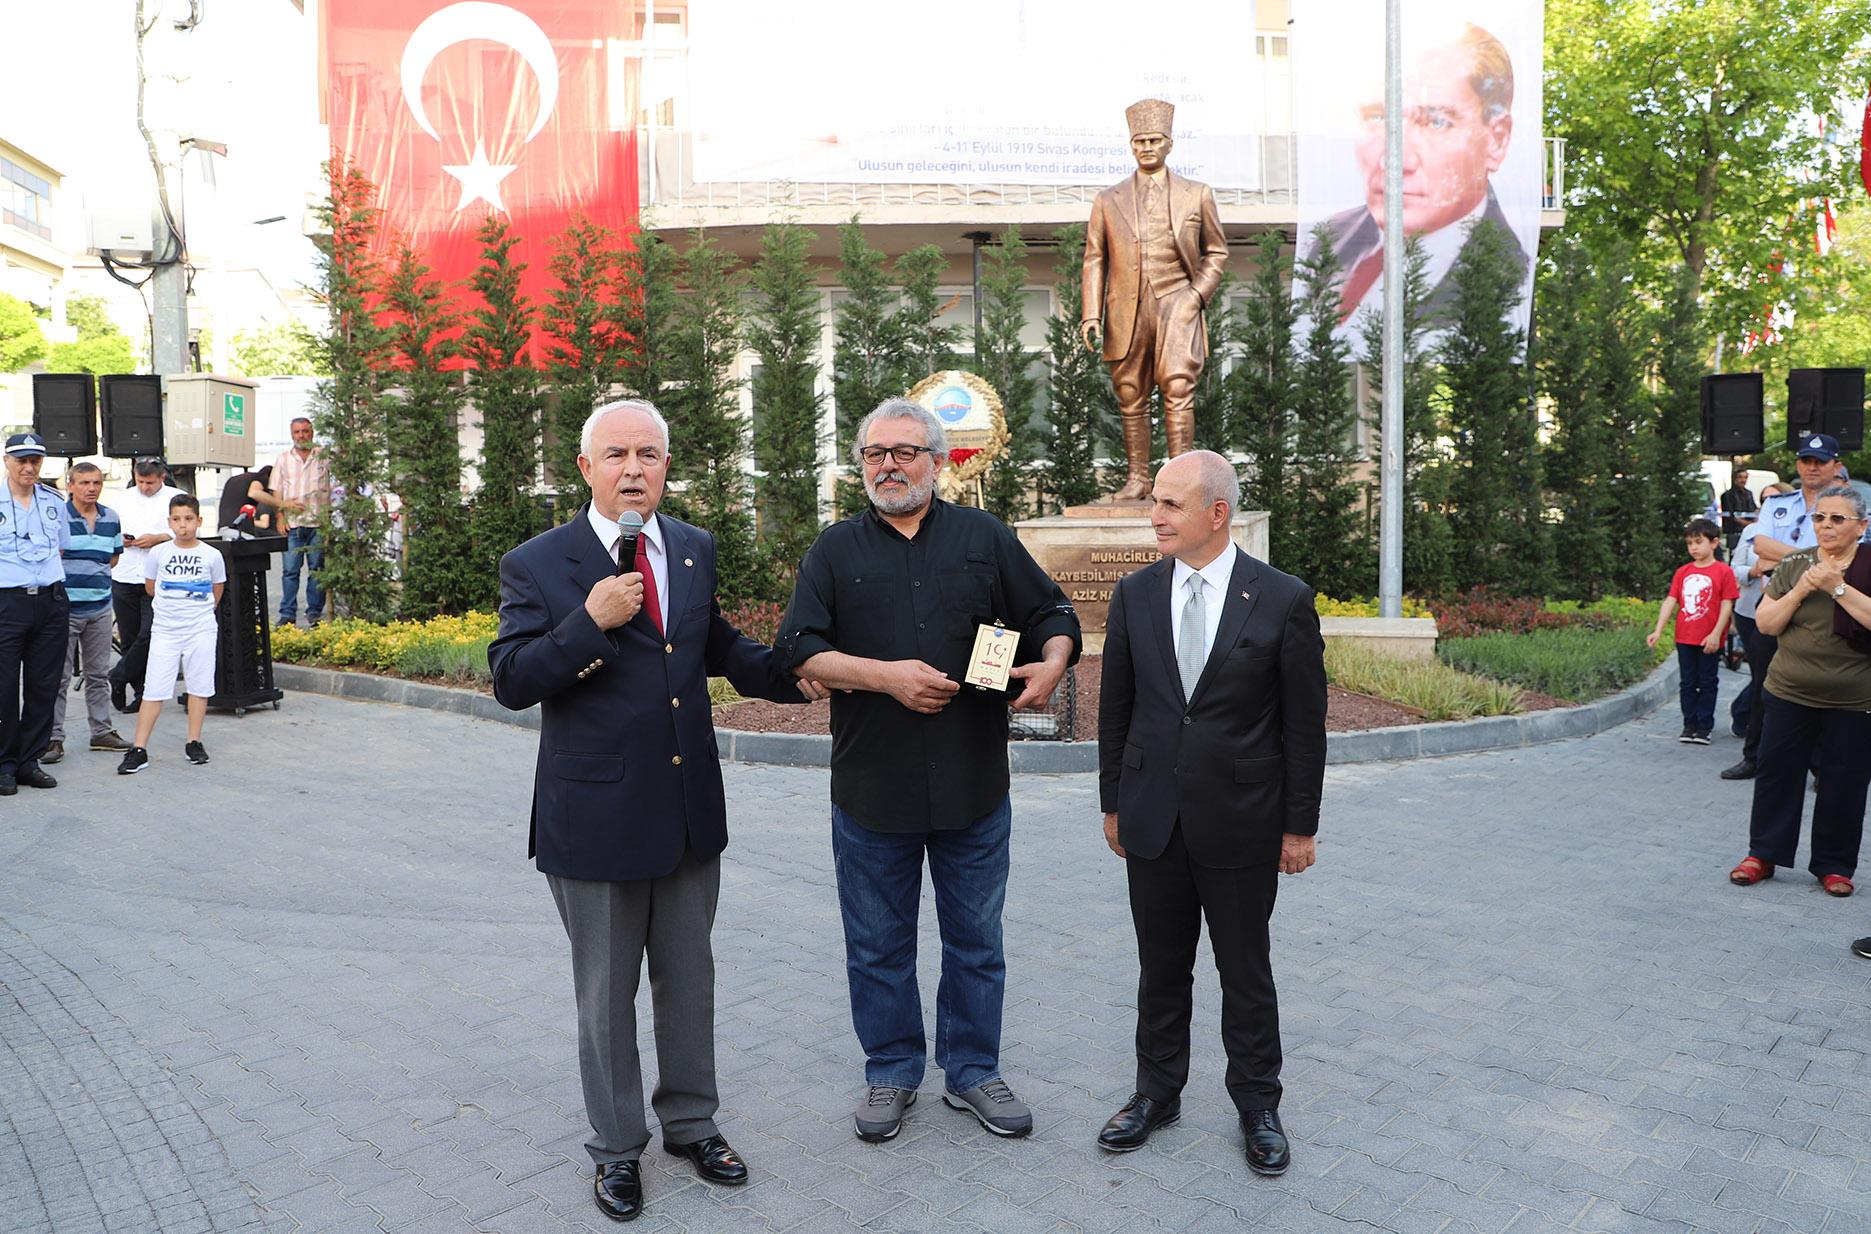 Milli Mücadele'nin 100'üncü yılı anısına muhteşem Atatürk Anıtı